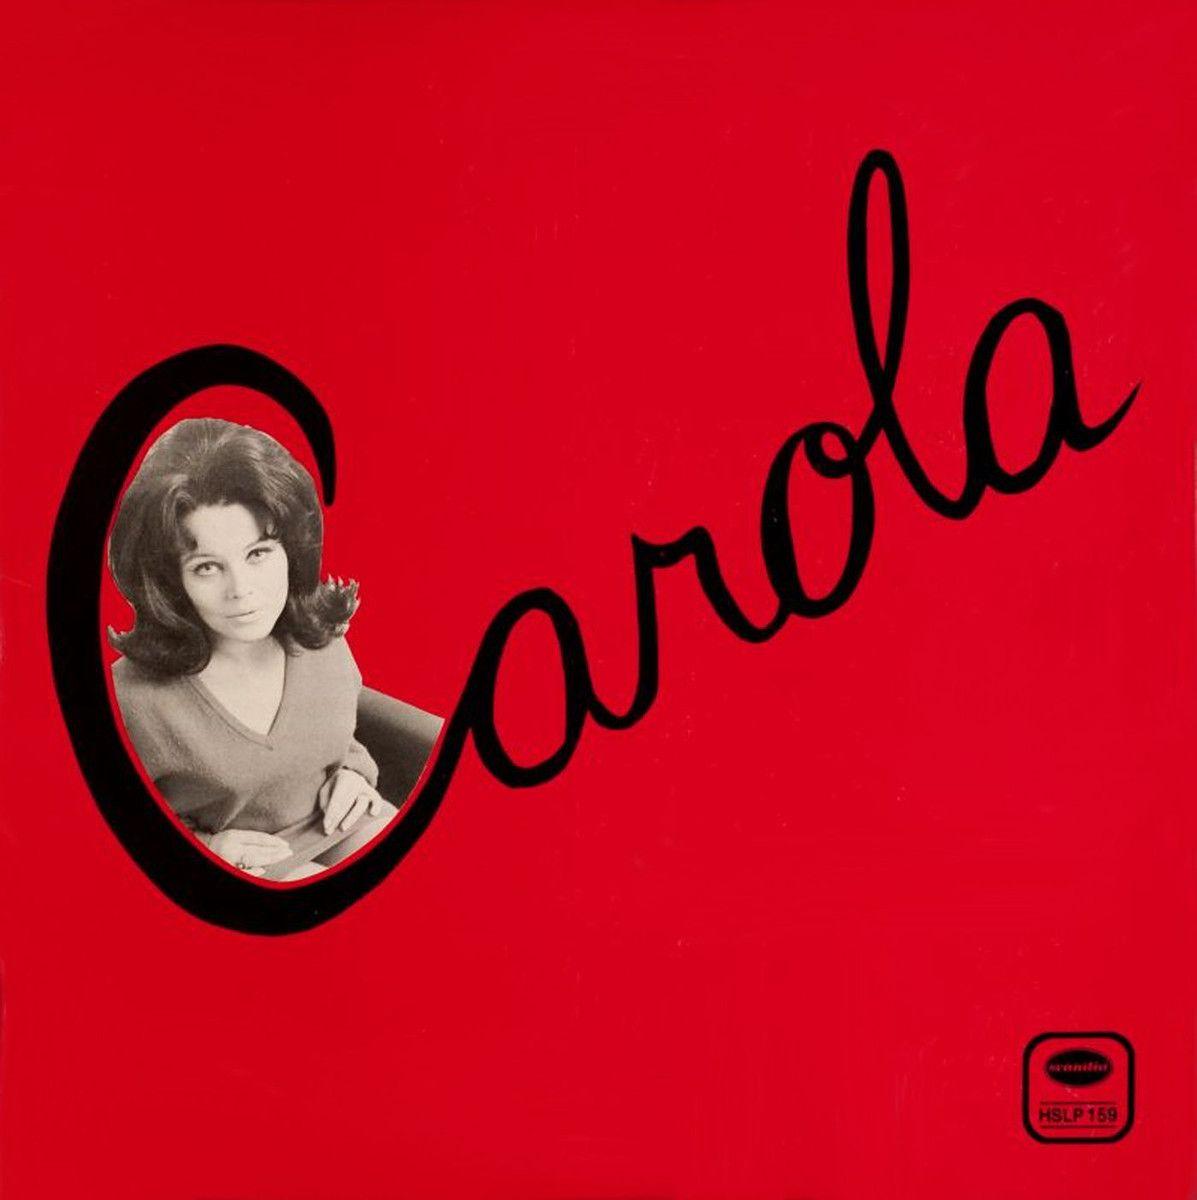 Carola - Carola album cover